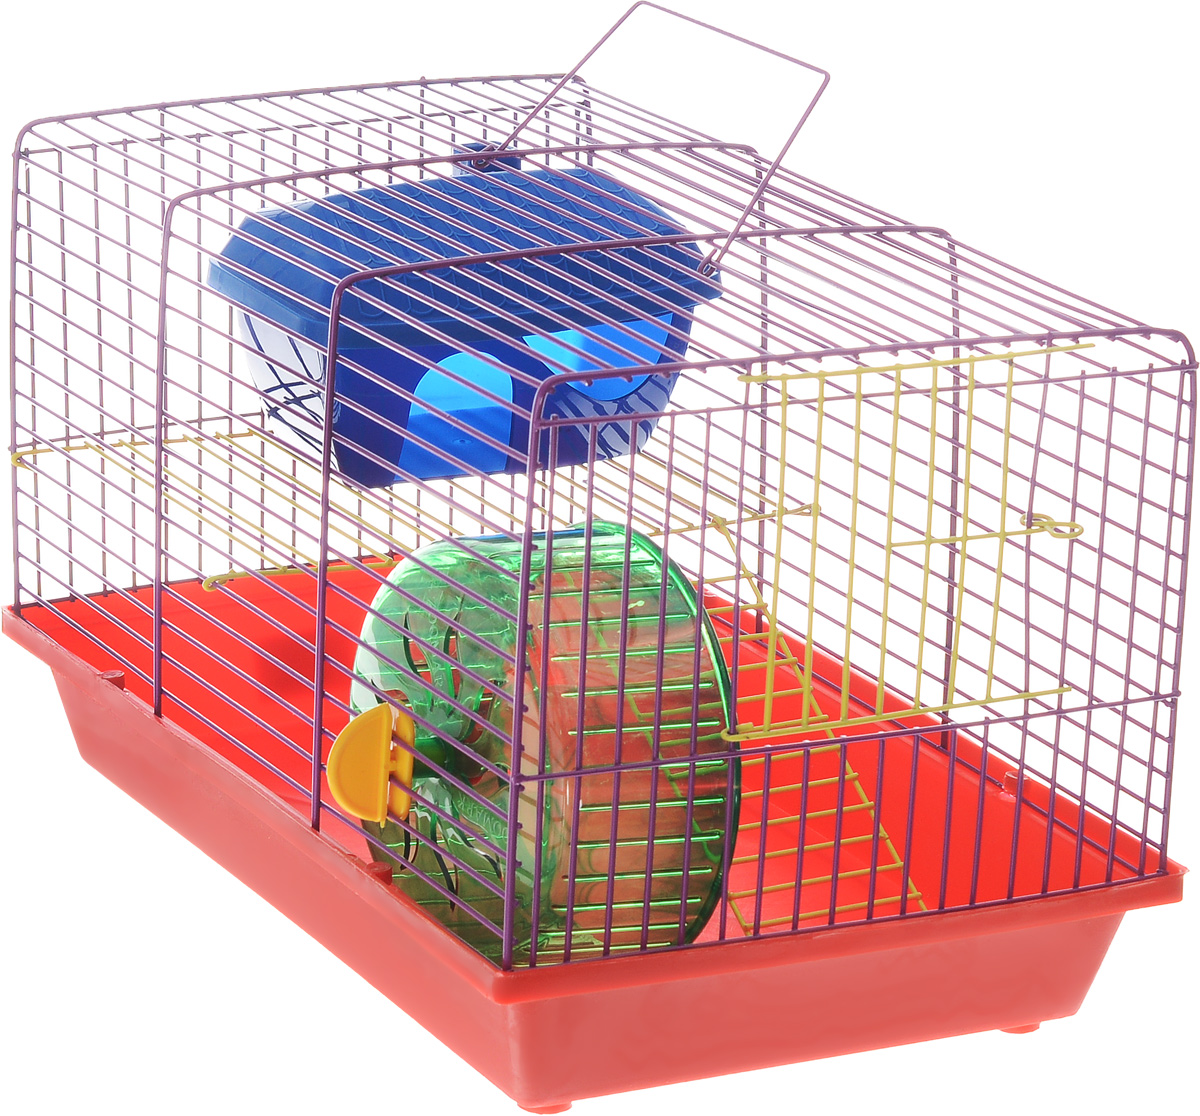 Клетка для грызунов ЗооМарк, 2-этажная, цвет: красный поддон, фиолетовая решетка, желтые этажи, 36 х 22 х 24 см. 125ж240КФКлетка ЗооМарк, выполненная из полипропилена и металла, подходит для мелких грызунов. Изделие двухэтажное, оборудовано колесом для подвижных игр и пластиковым домиком. Клетка имеет яркий поддон, удобна в использовании и легко чистится. Сверху имеется ручка для переноски. Такая клетка станет уединенным личным пространством и уютным домиком для маленького грызуна.